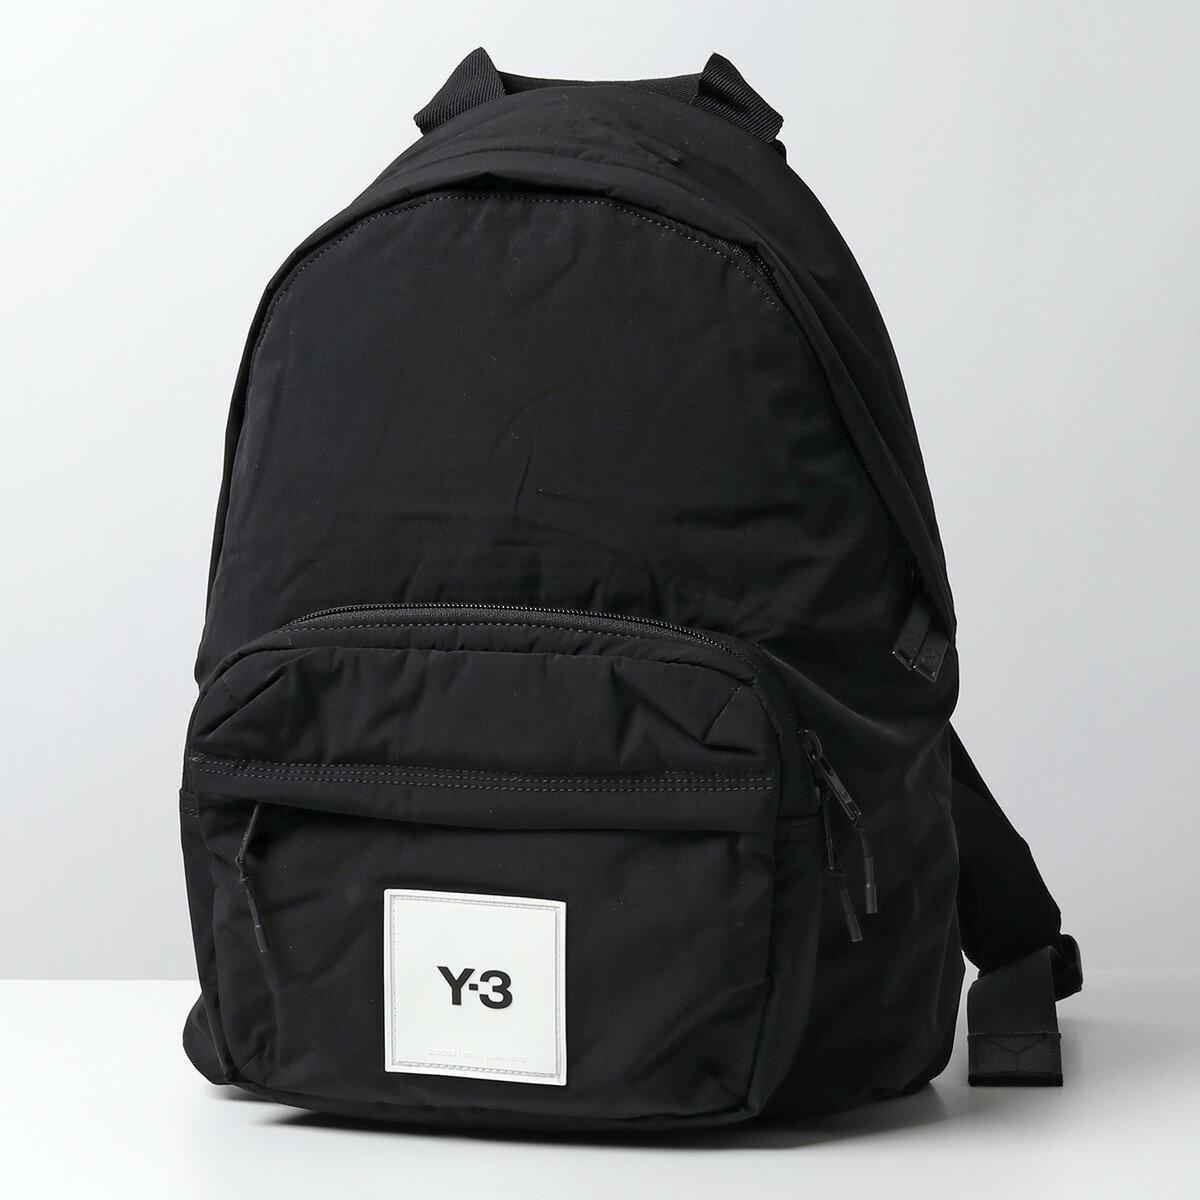 メンズバッグ, バックパック・リュック Y-3 adidas YOHJI YAMAMOTO GT8915 TCHLT TWEAK BLACK